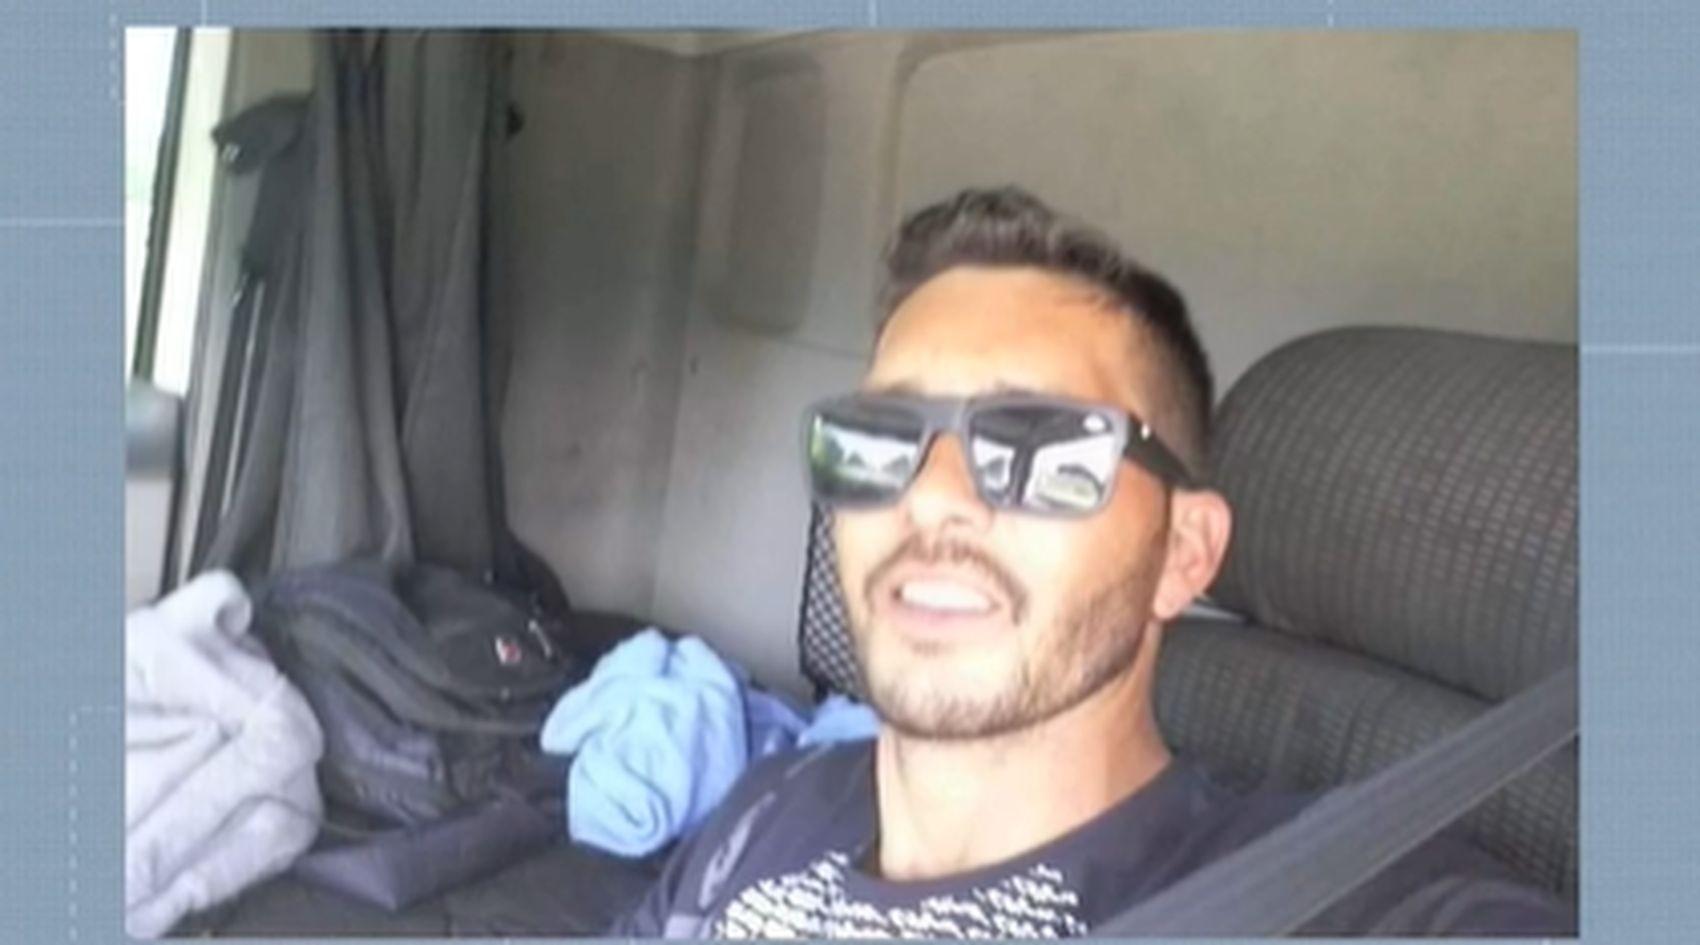 Morre caminhoneiro de Sergipe que se recuperava de sequelas de agressões sofridas durante viagem